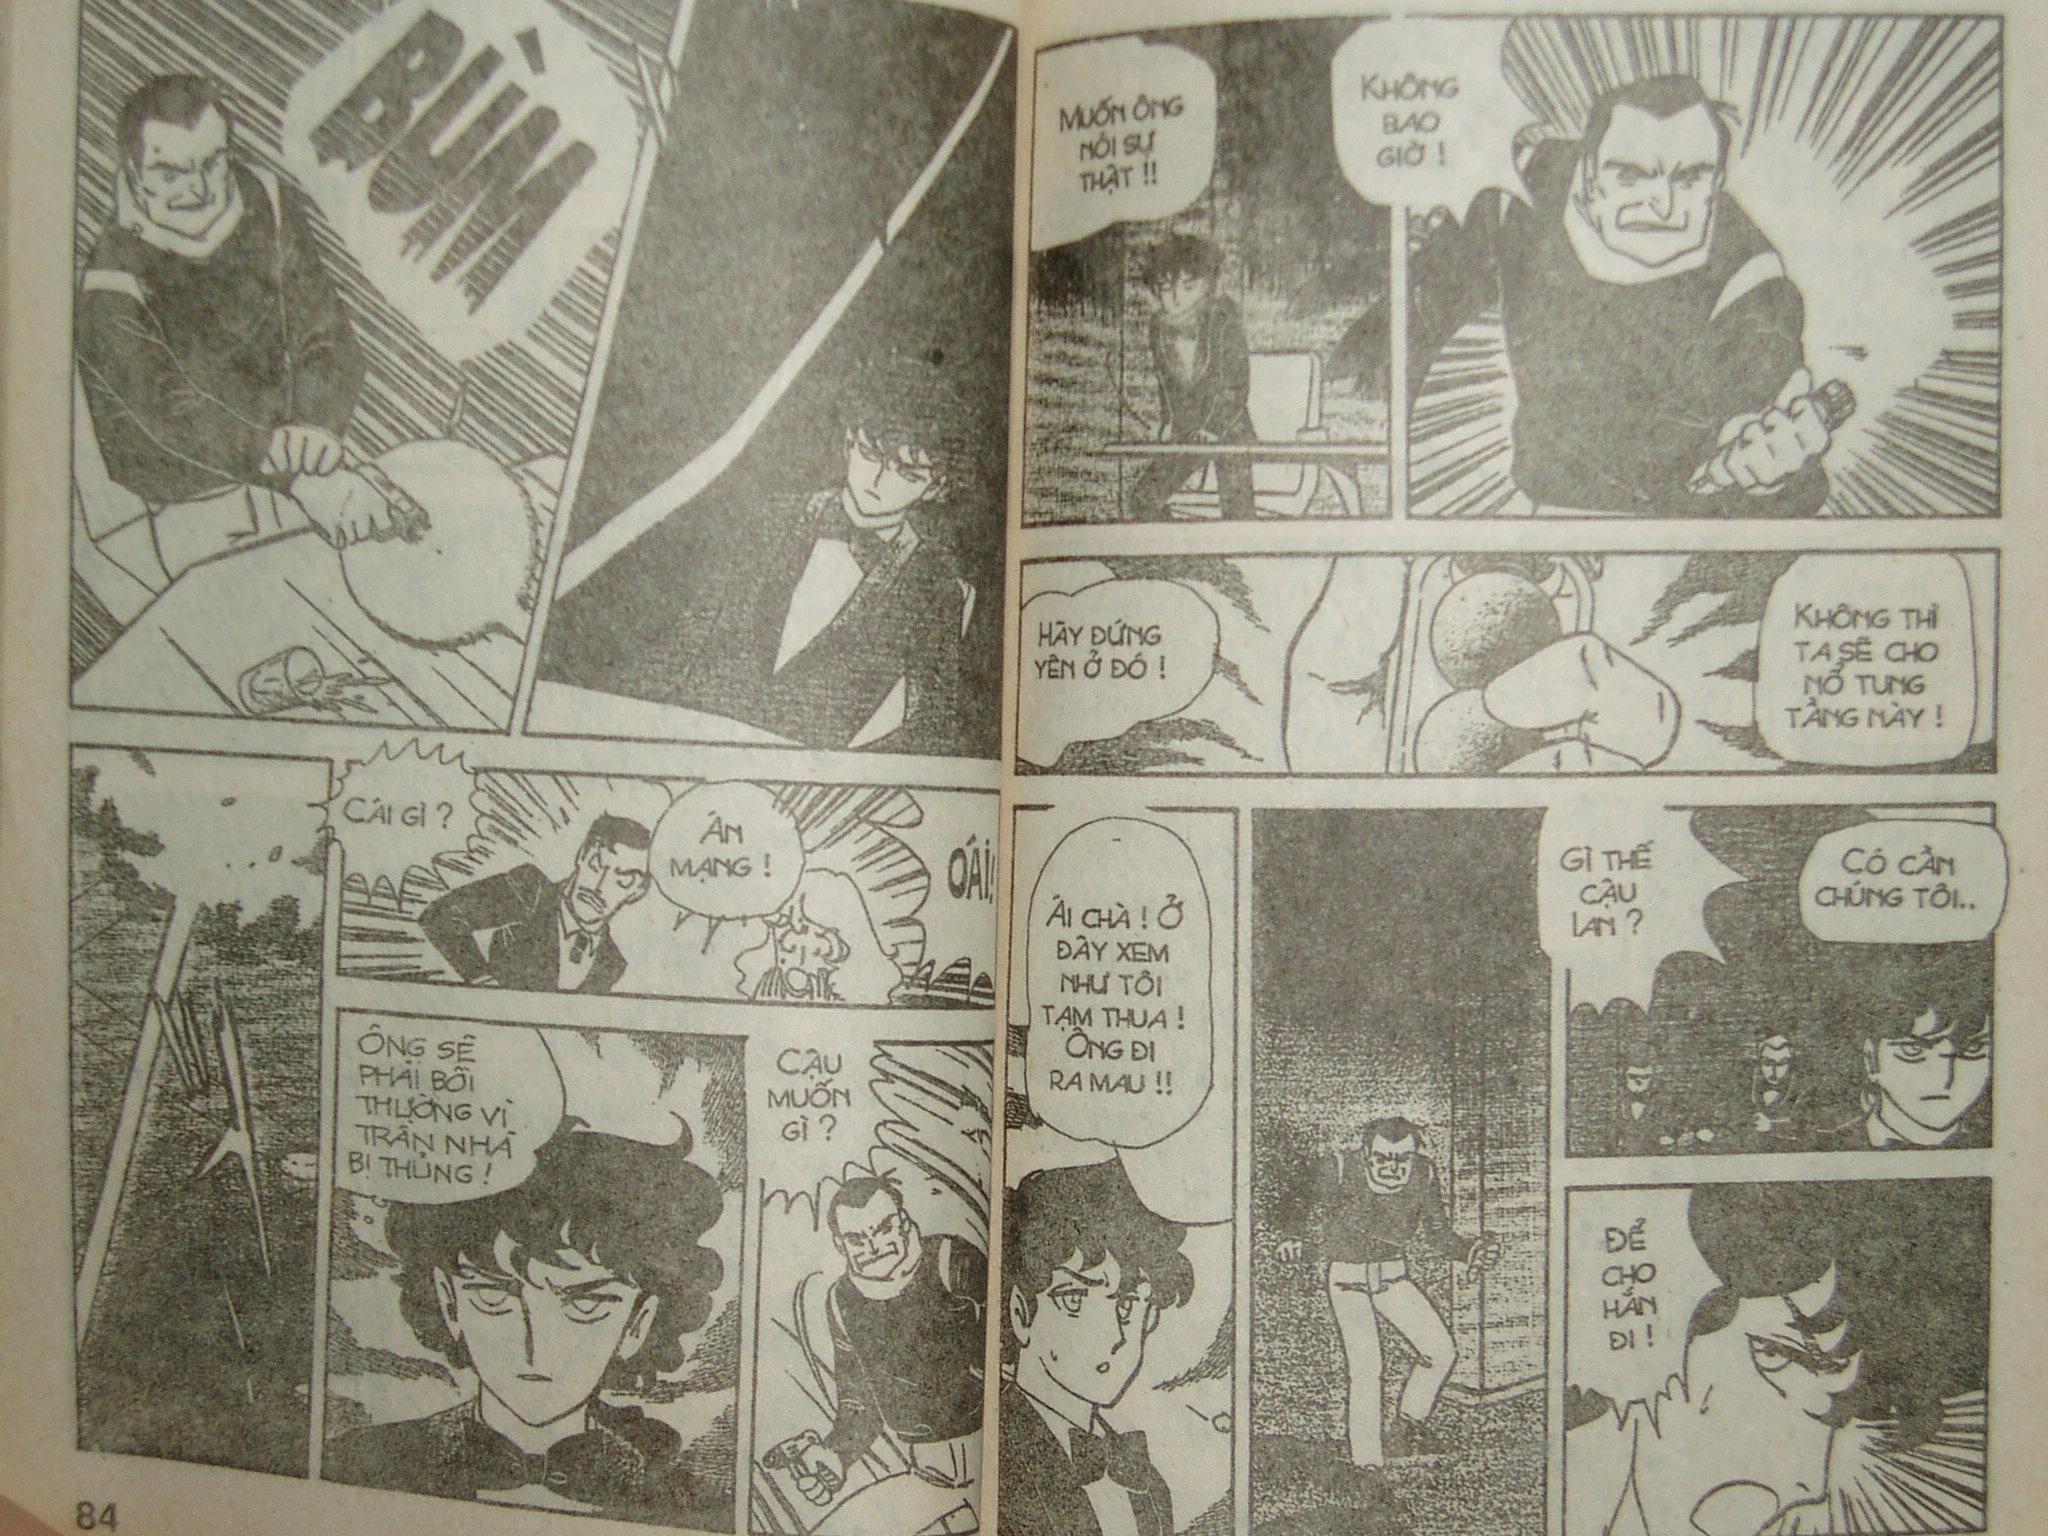 Siêu nhân Locke vol 14 trang 42